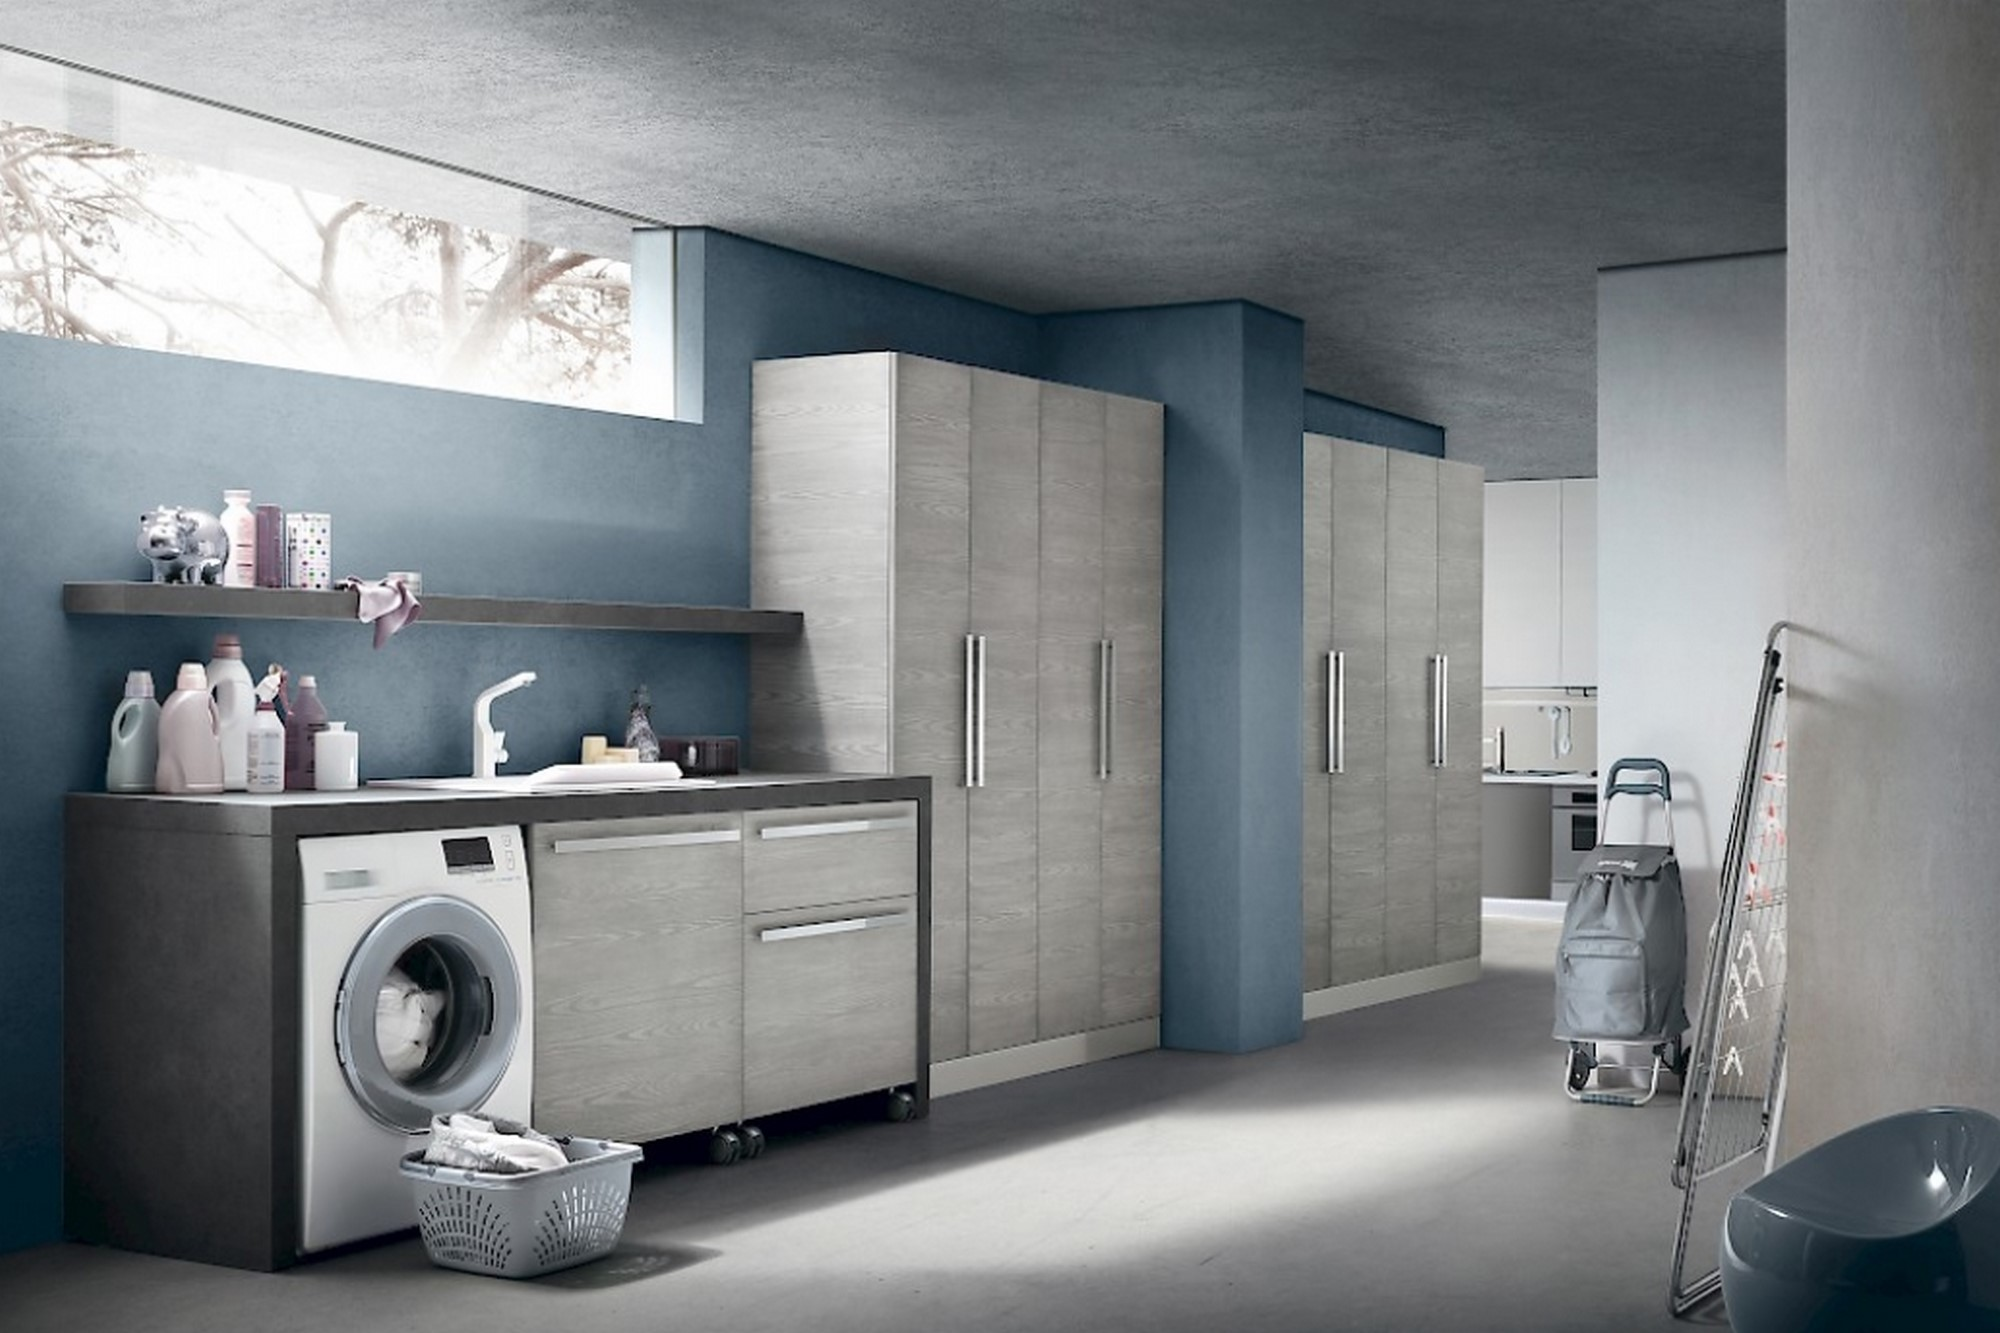 Arredo bagno e lavanderia mobilificio Cominazzi Cavallirio - Novara